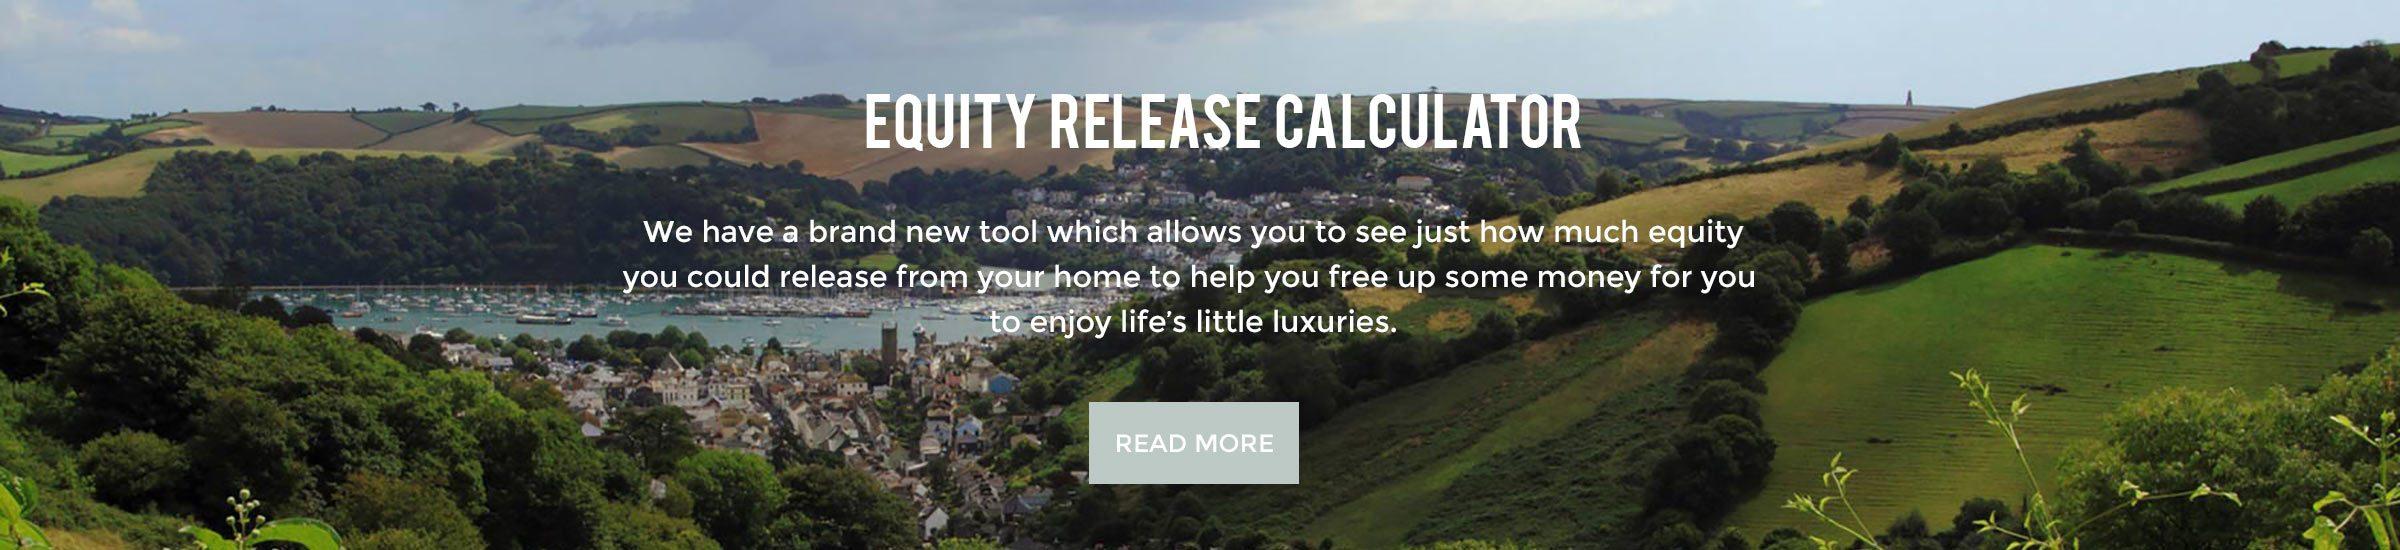 equity release calculator